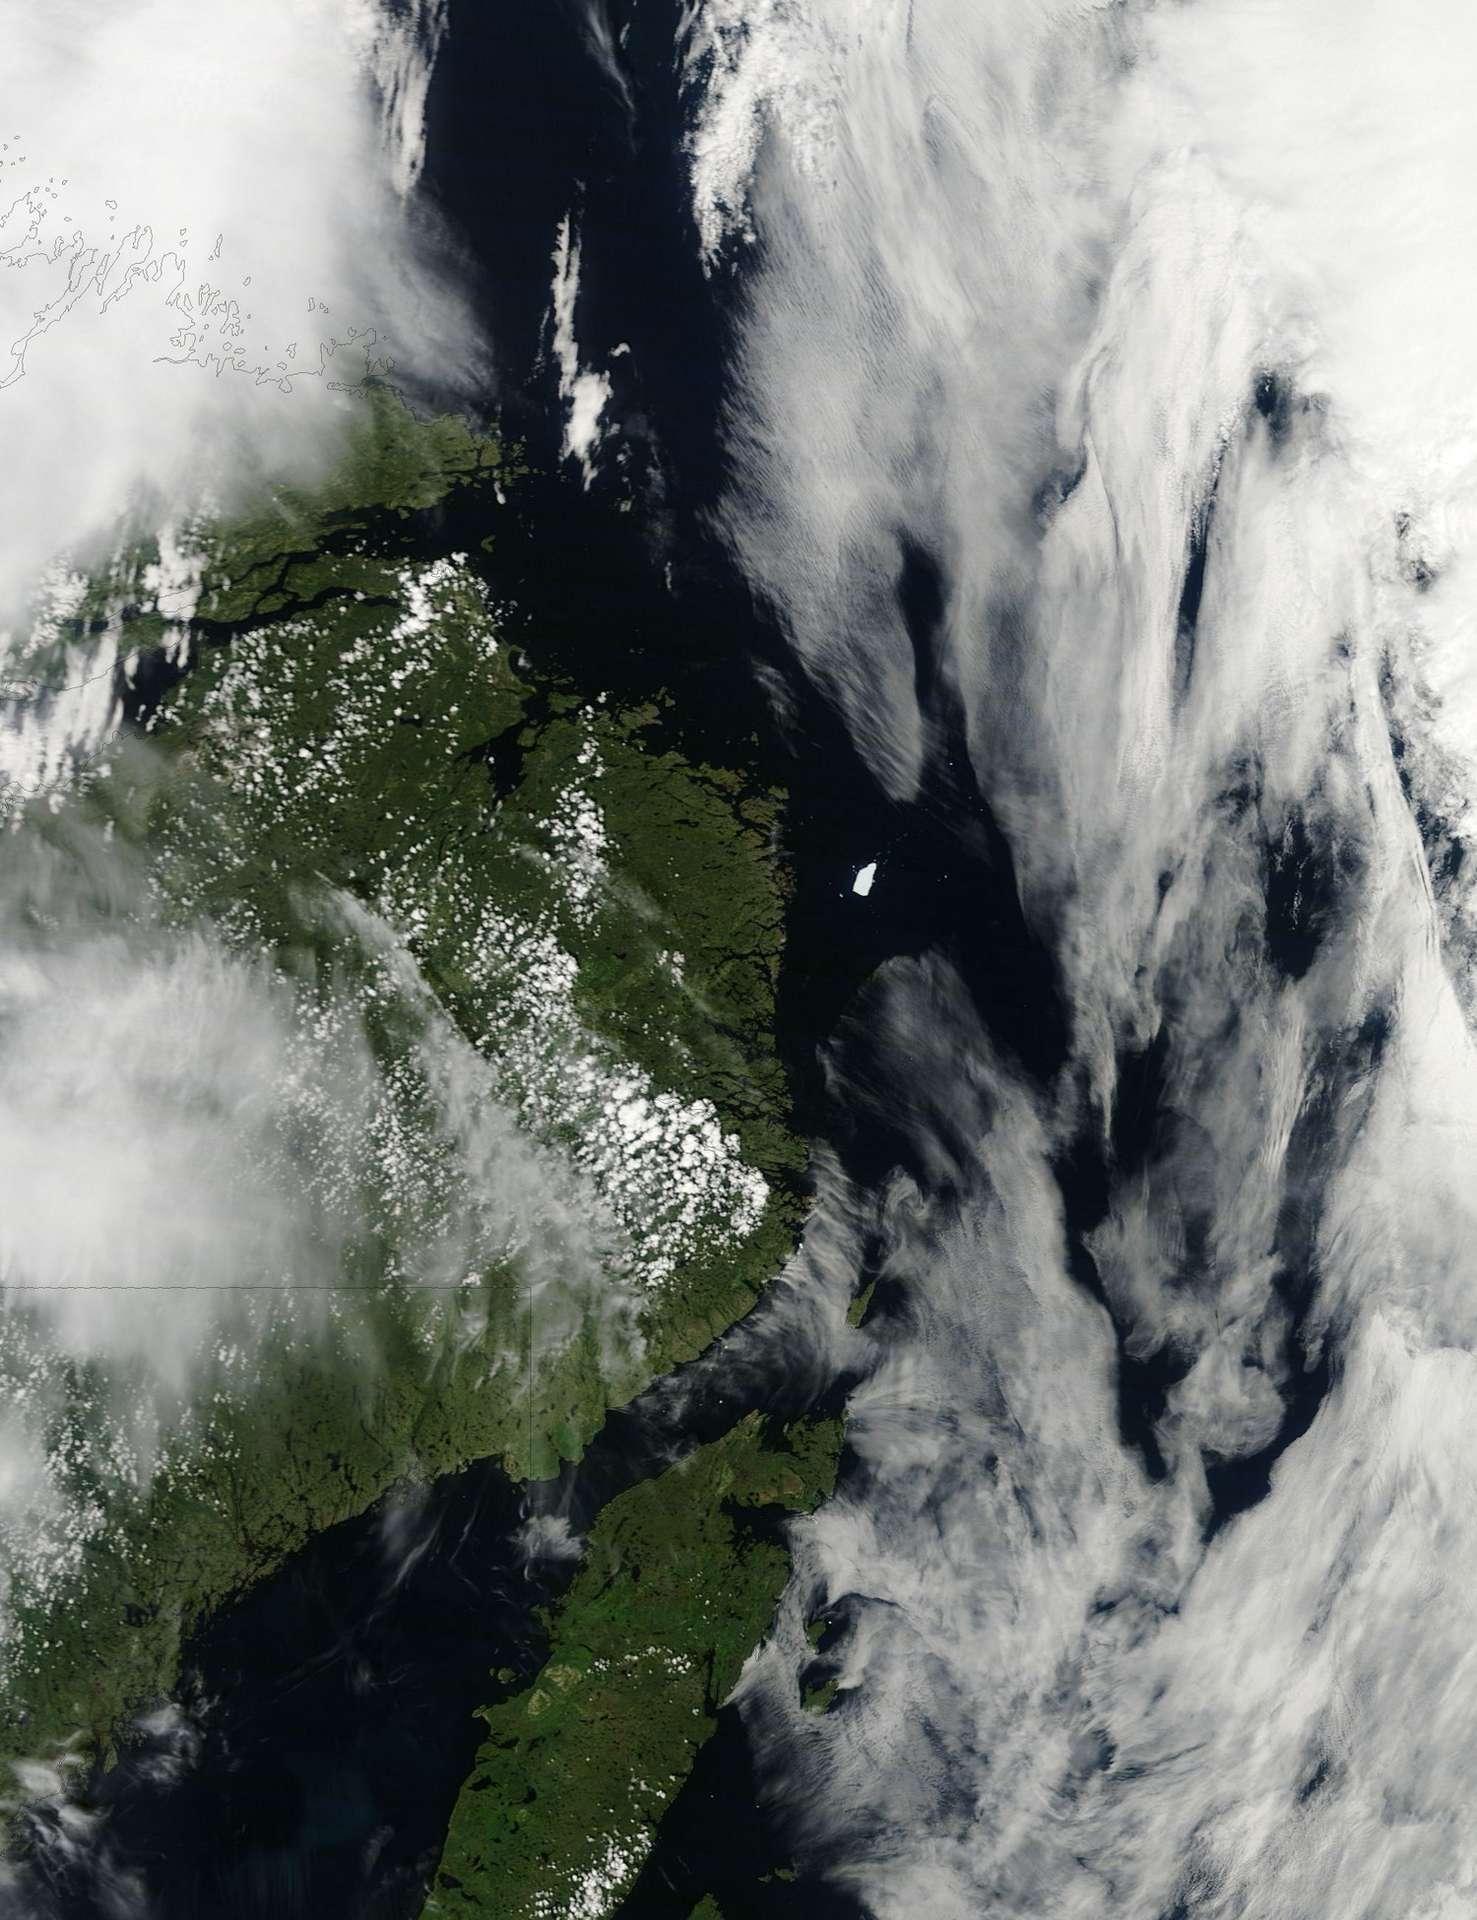 Le satellite américain Terra a photographié l'île de glace Petermann le 20 juillet 2011. © Nasa/Terra/Jeff Schmaltz/Michon Scott